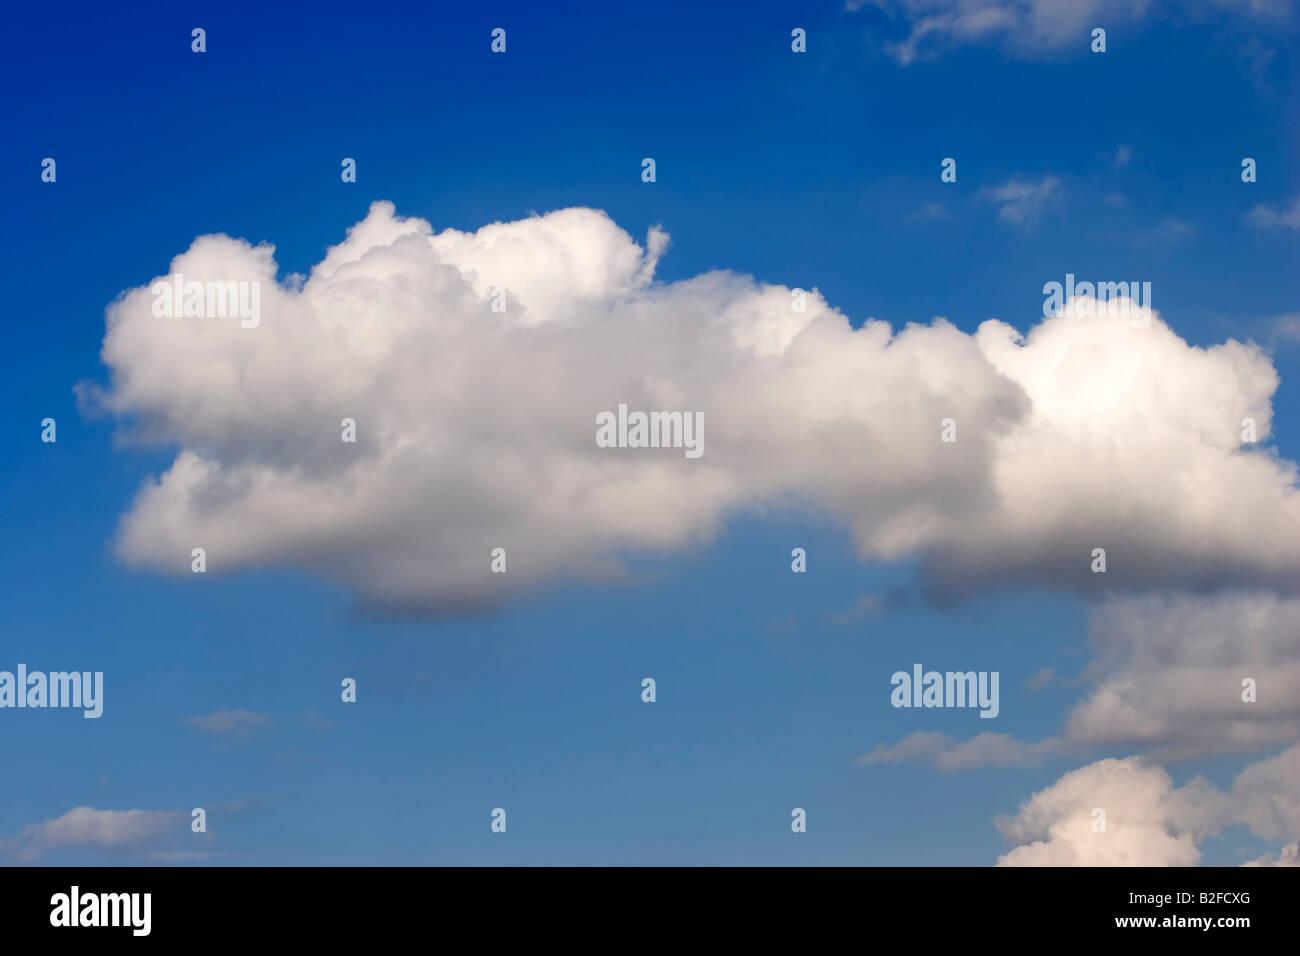 Ciel bleu nuages blancs Photo Stock